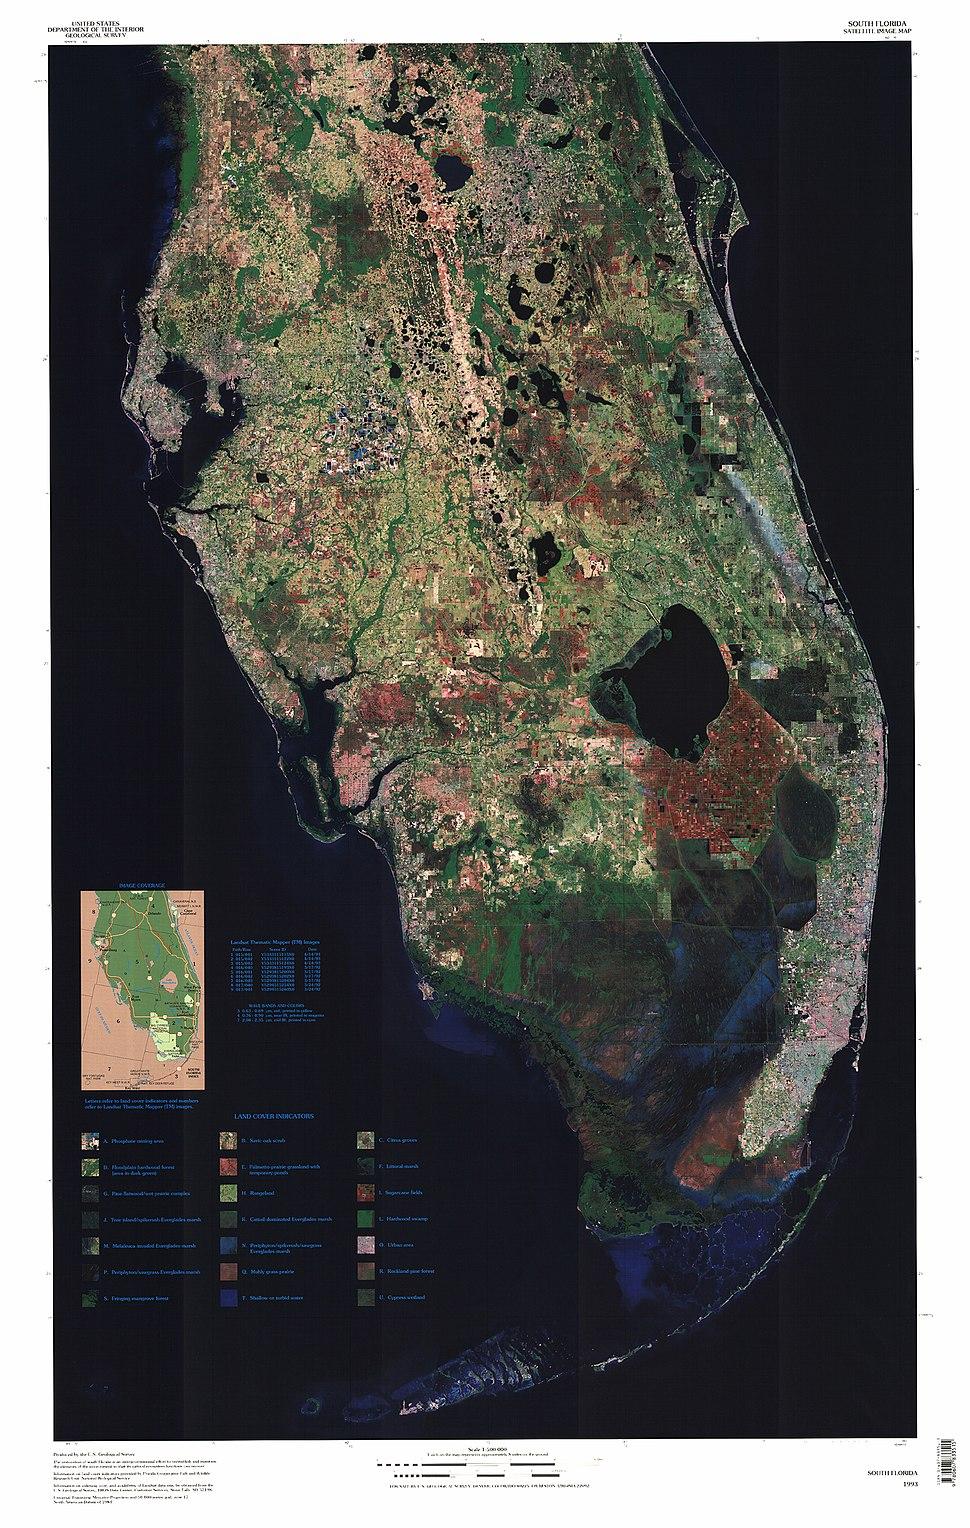 South Florida Satellite Image Map